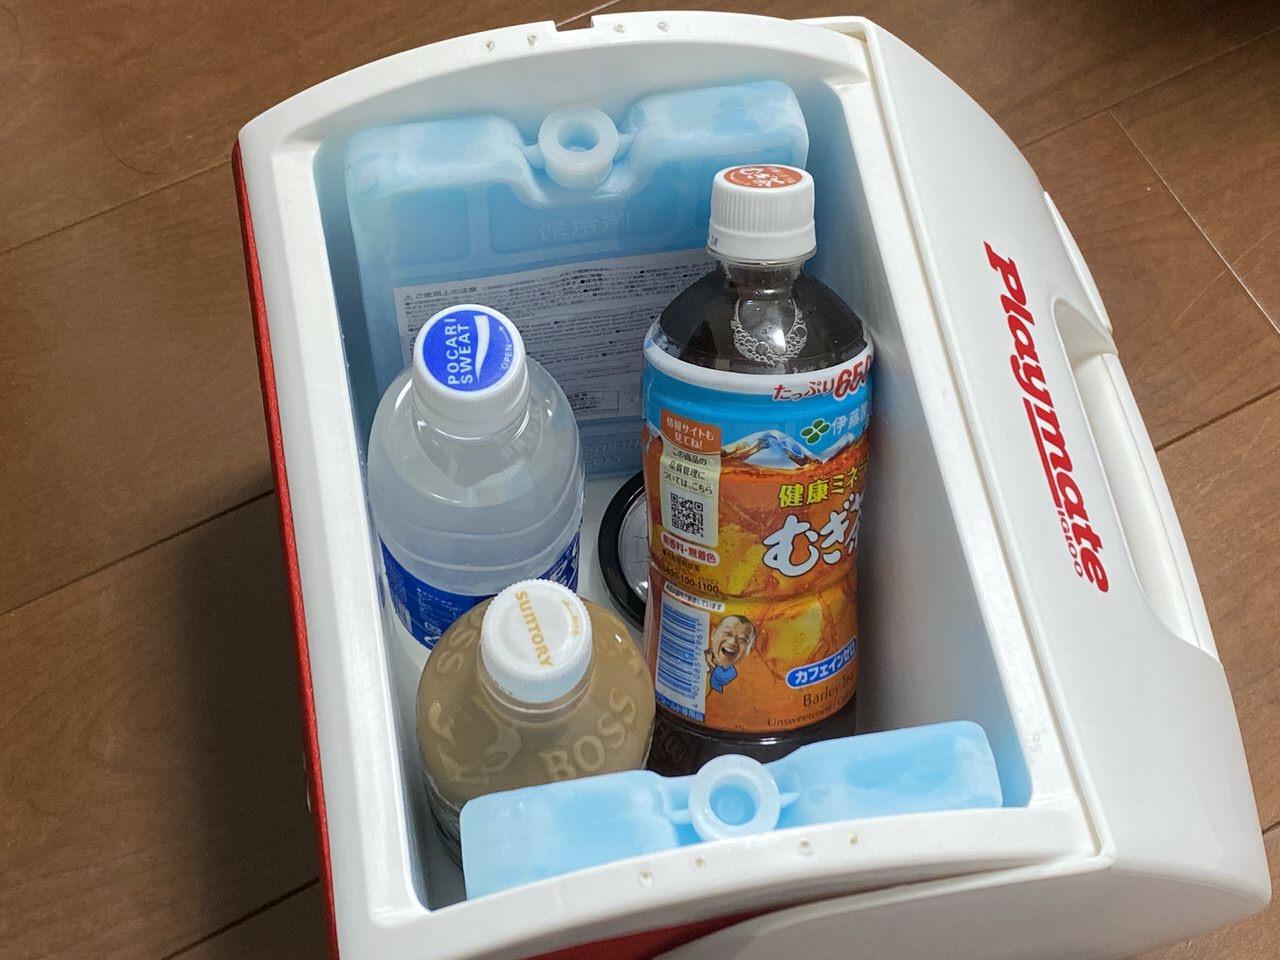 IGLOOのパーソナルなクーラーボックス「Playtmate」にはダイソーの保冷剤がジャストフィットした